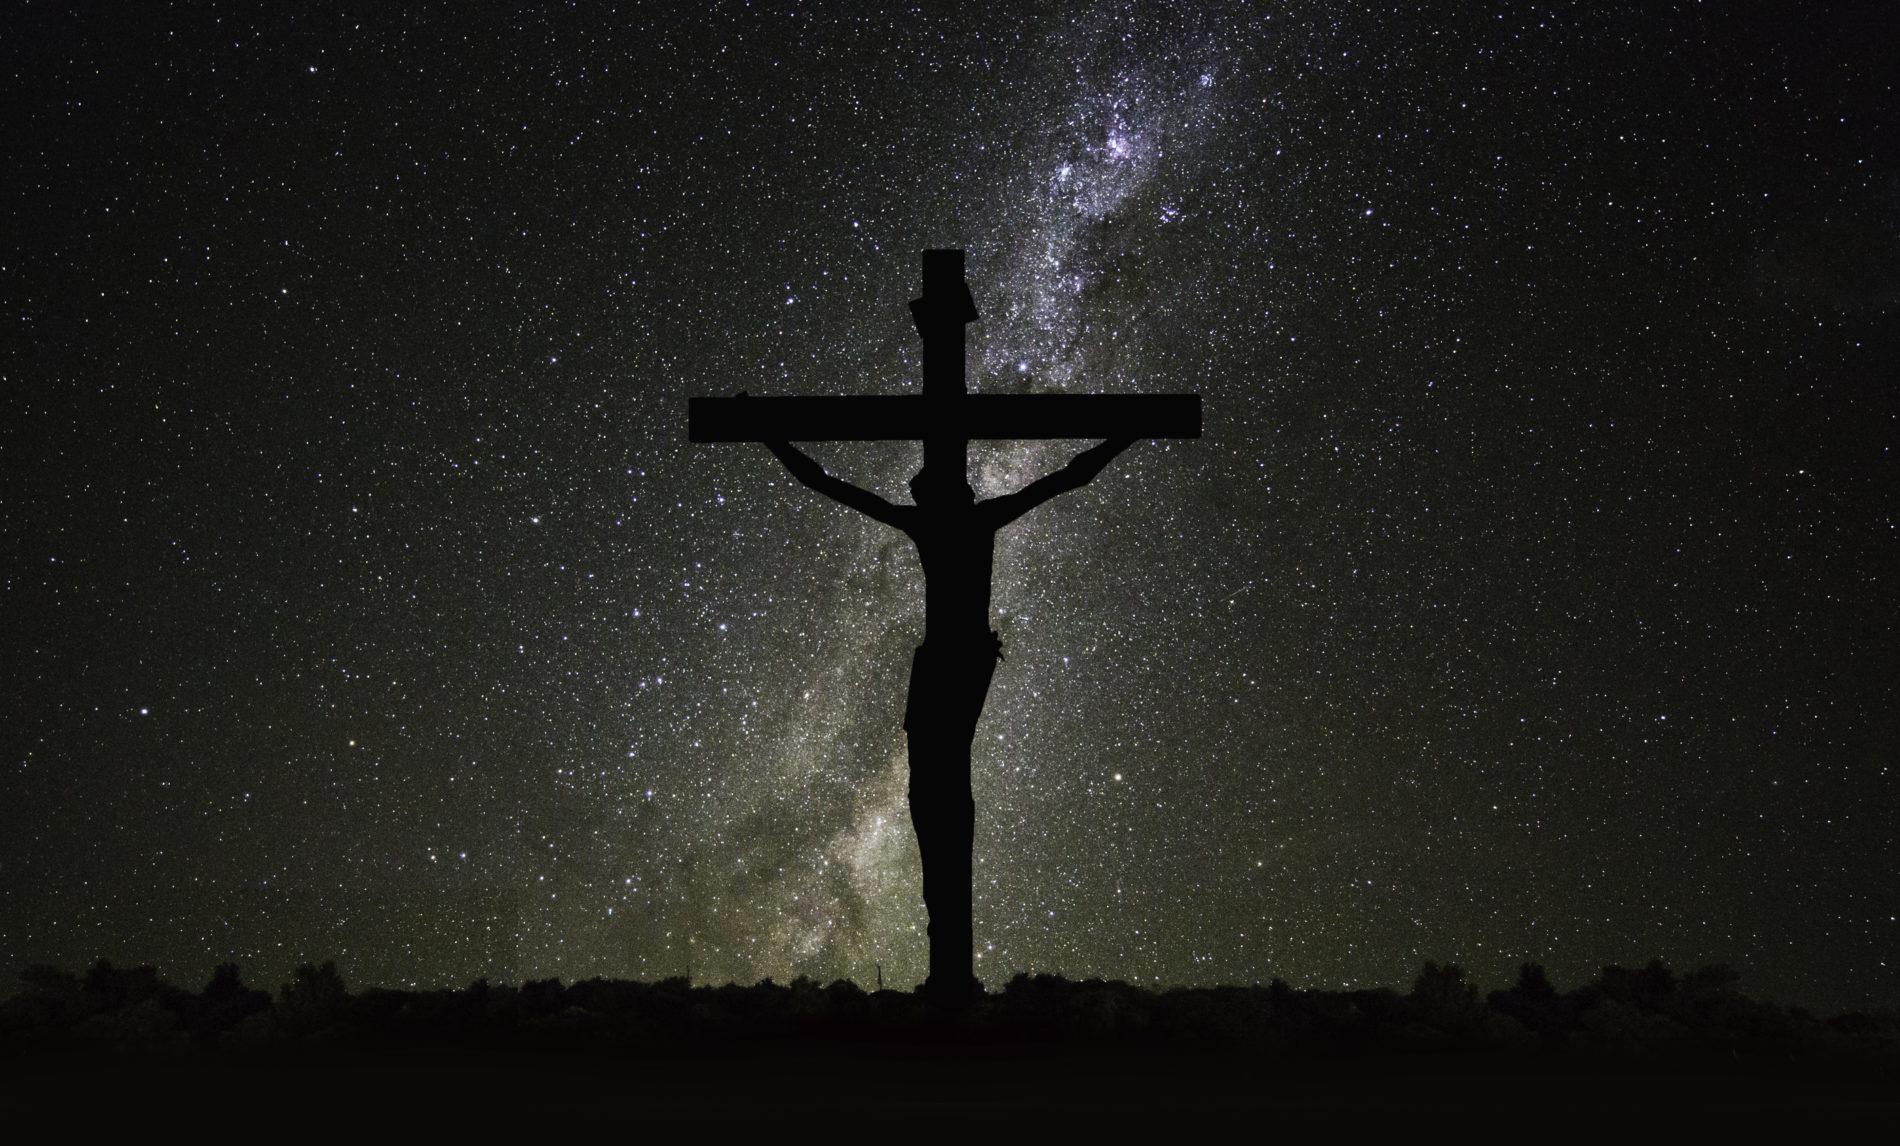 Quem morreu na cruz?